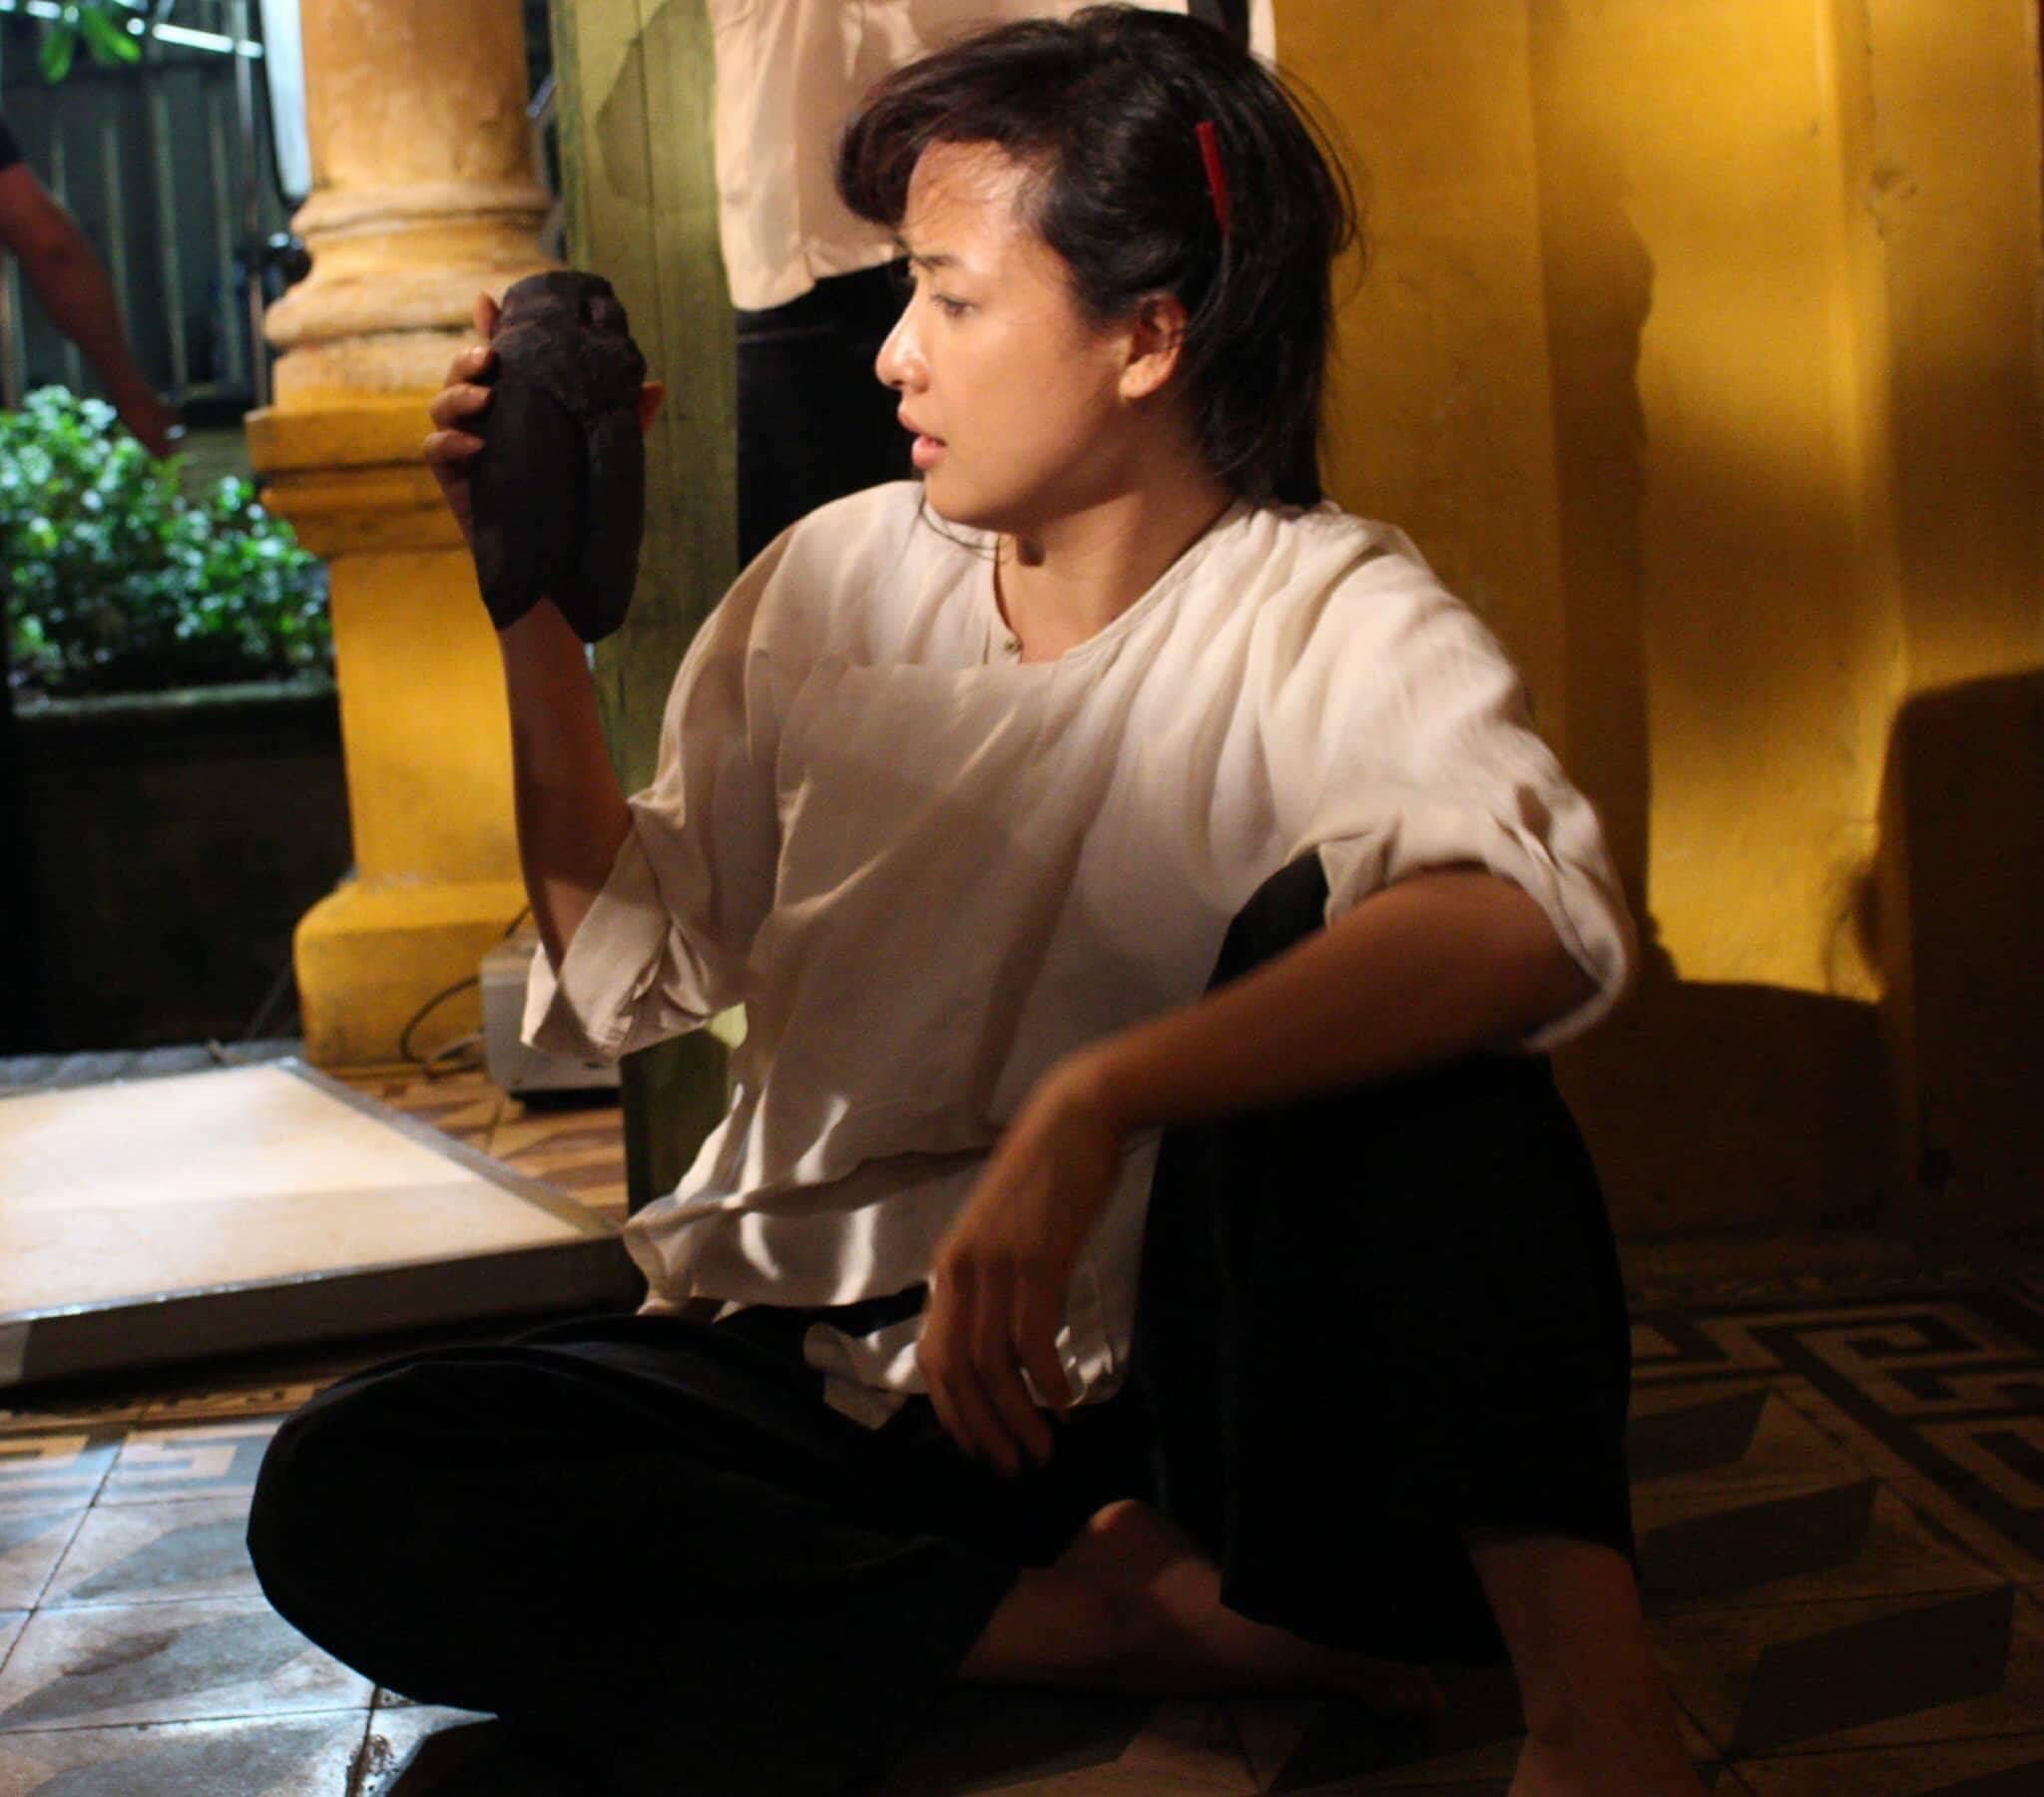 'Tiếng sét trong mưa' quy tụ dàn diễn viên nữ nóng bỏng